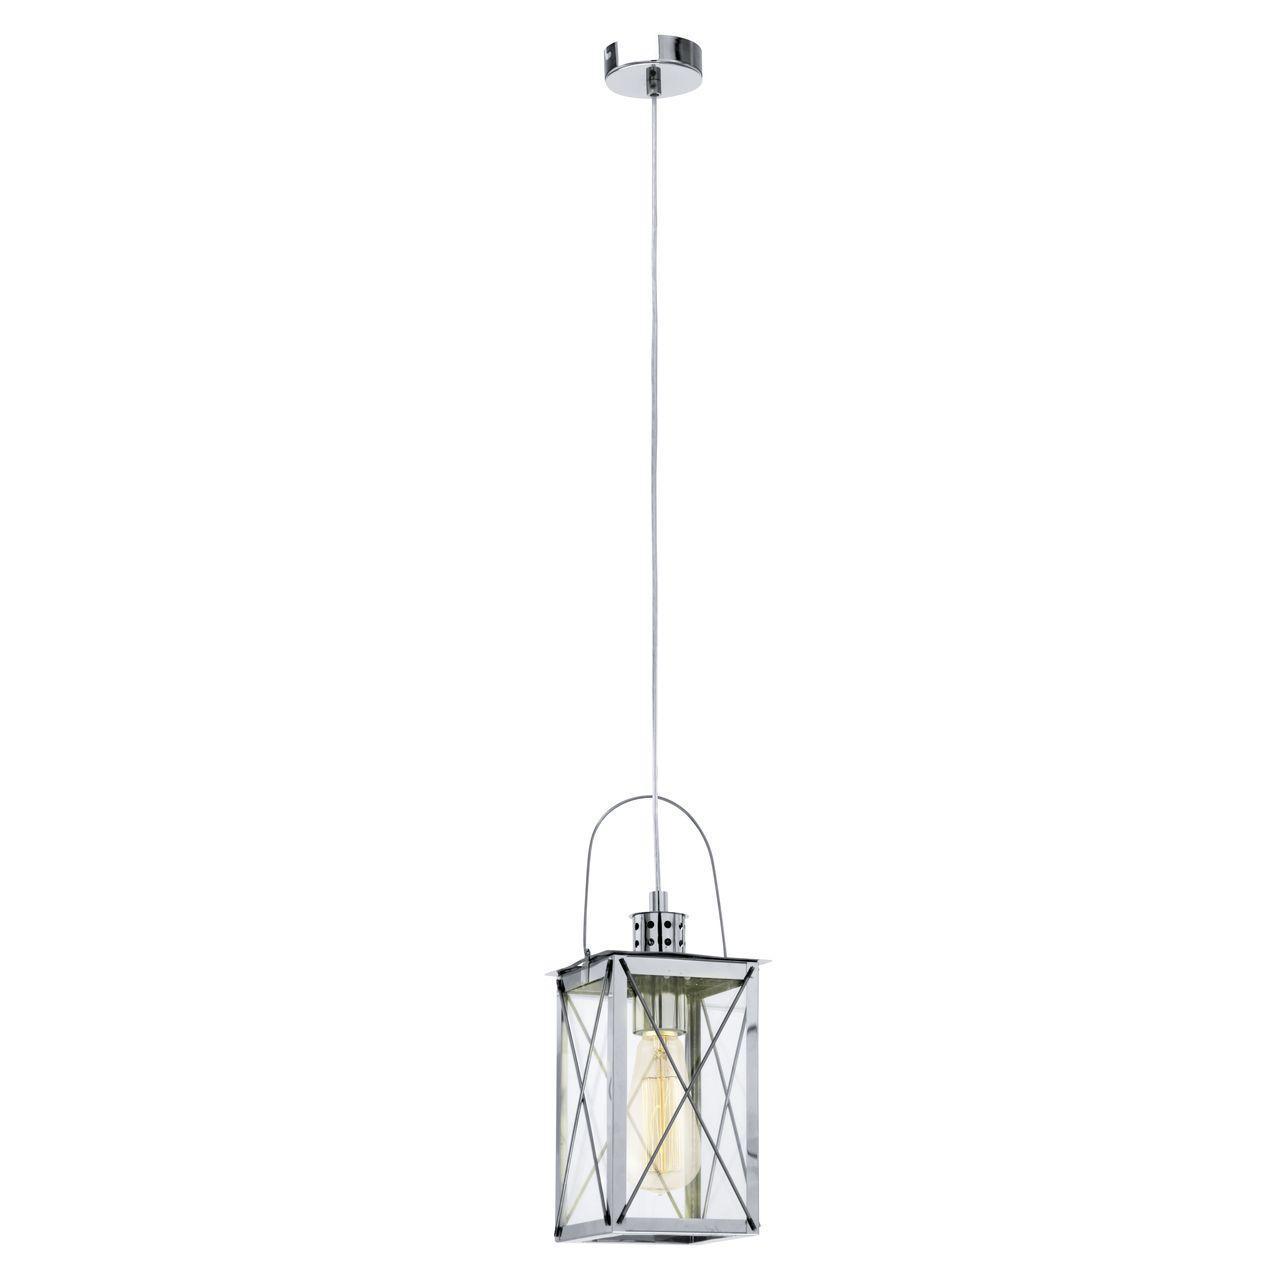 Подвесной светильник Eglo Vintage 49212 подвесной светильник eglo vintage 49214